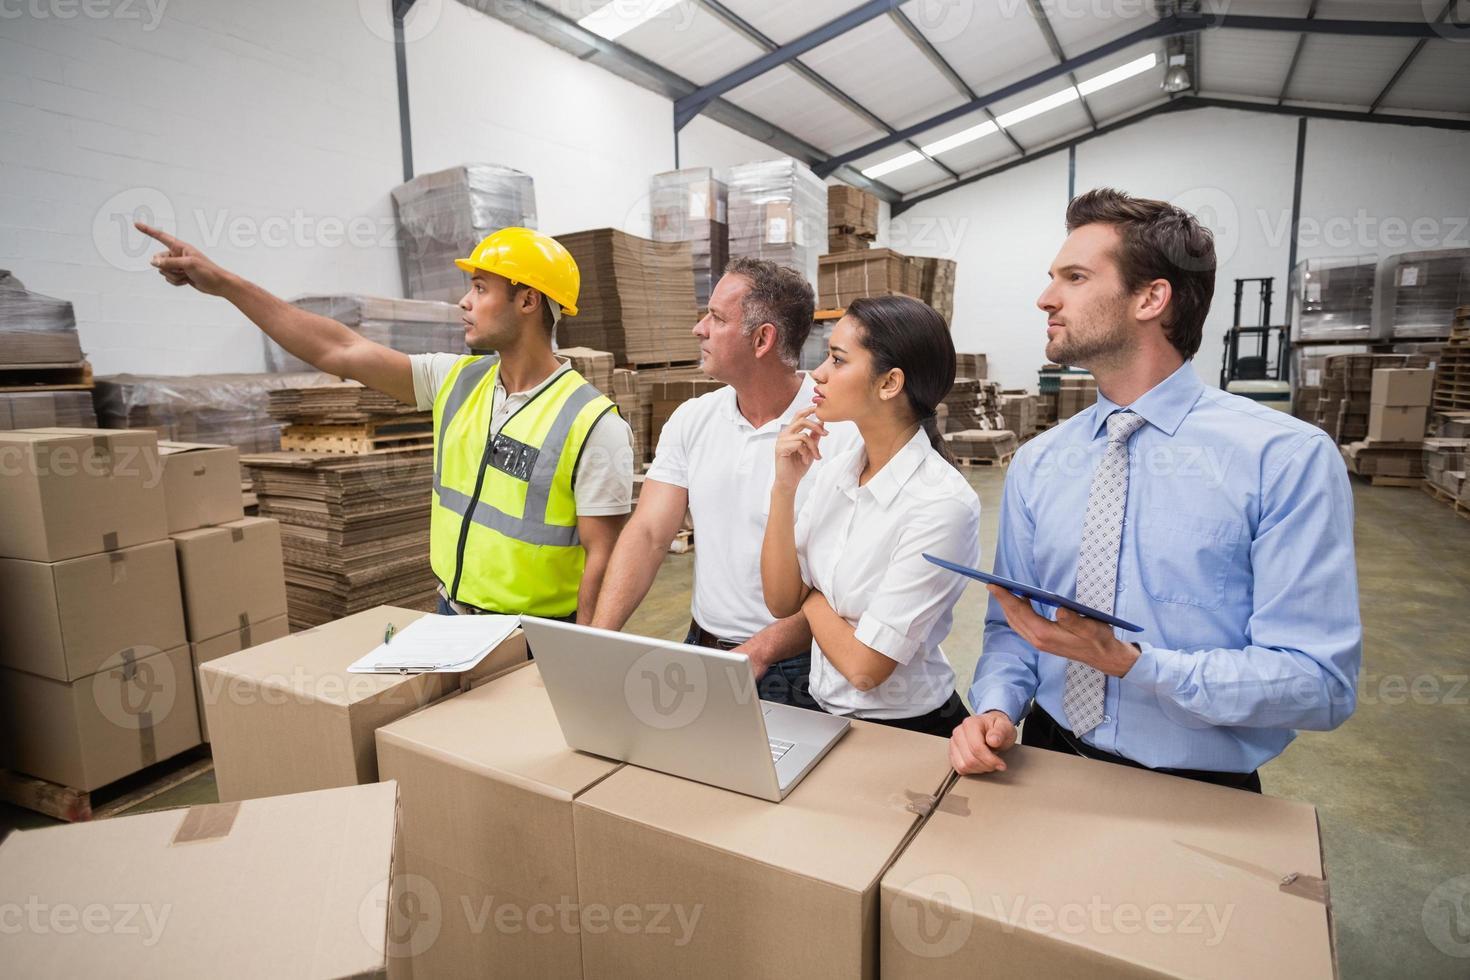 trabalhador de armazém apontando algo para seus colegas foto